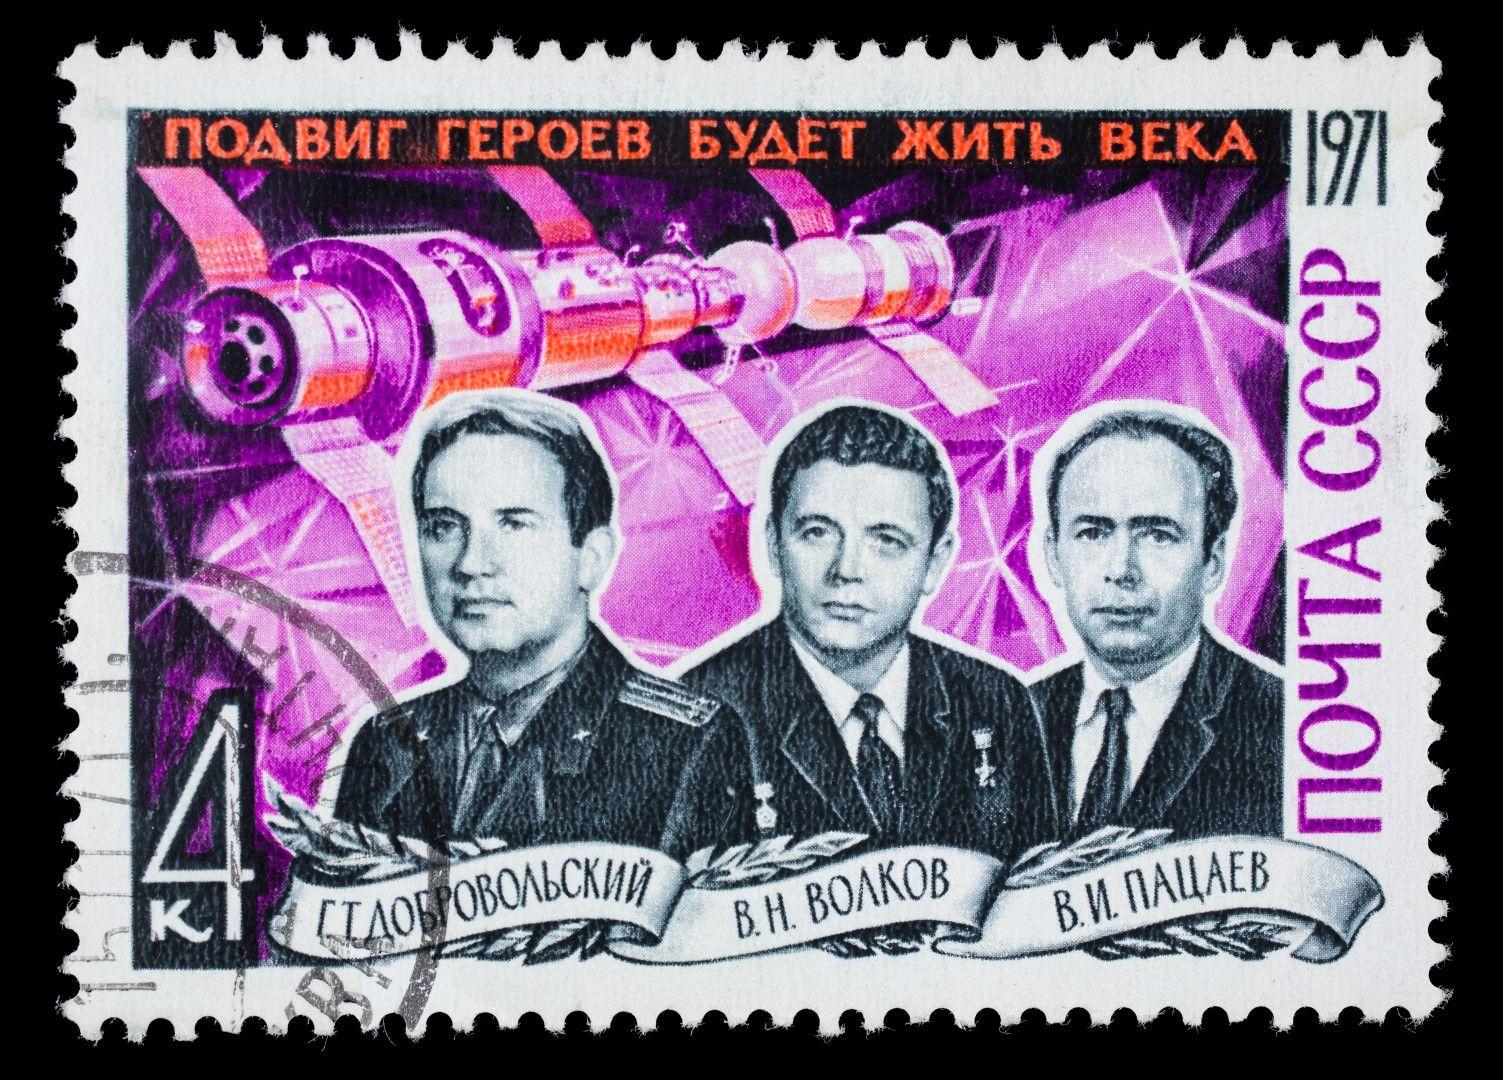 Съветска марка, посветена на загиналите космонавти